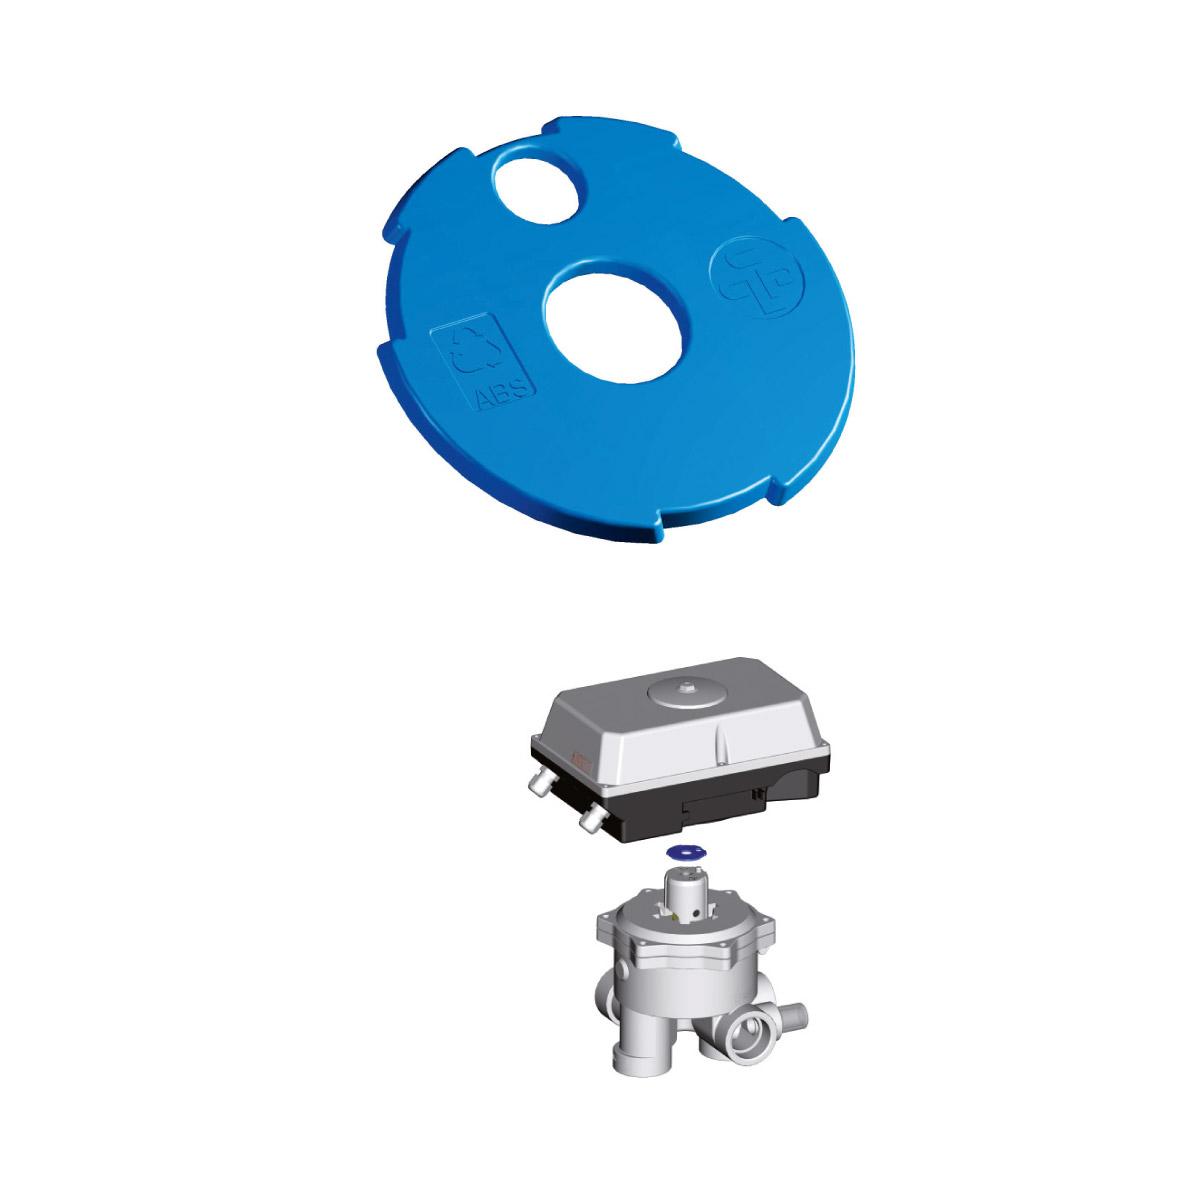 Adapter für Aquastar für alte Ventilsystemmodelle Adapter für Aquastar für alte Ventilsystemmodelle